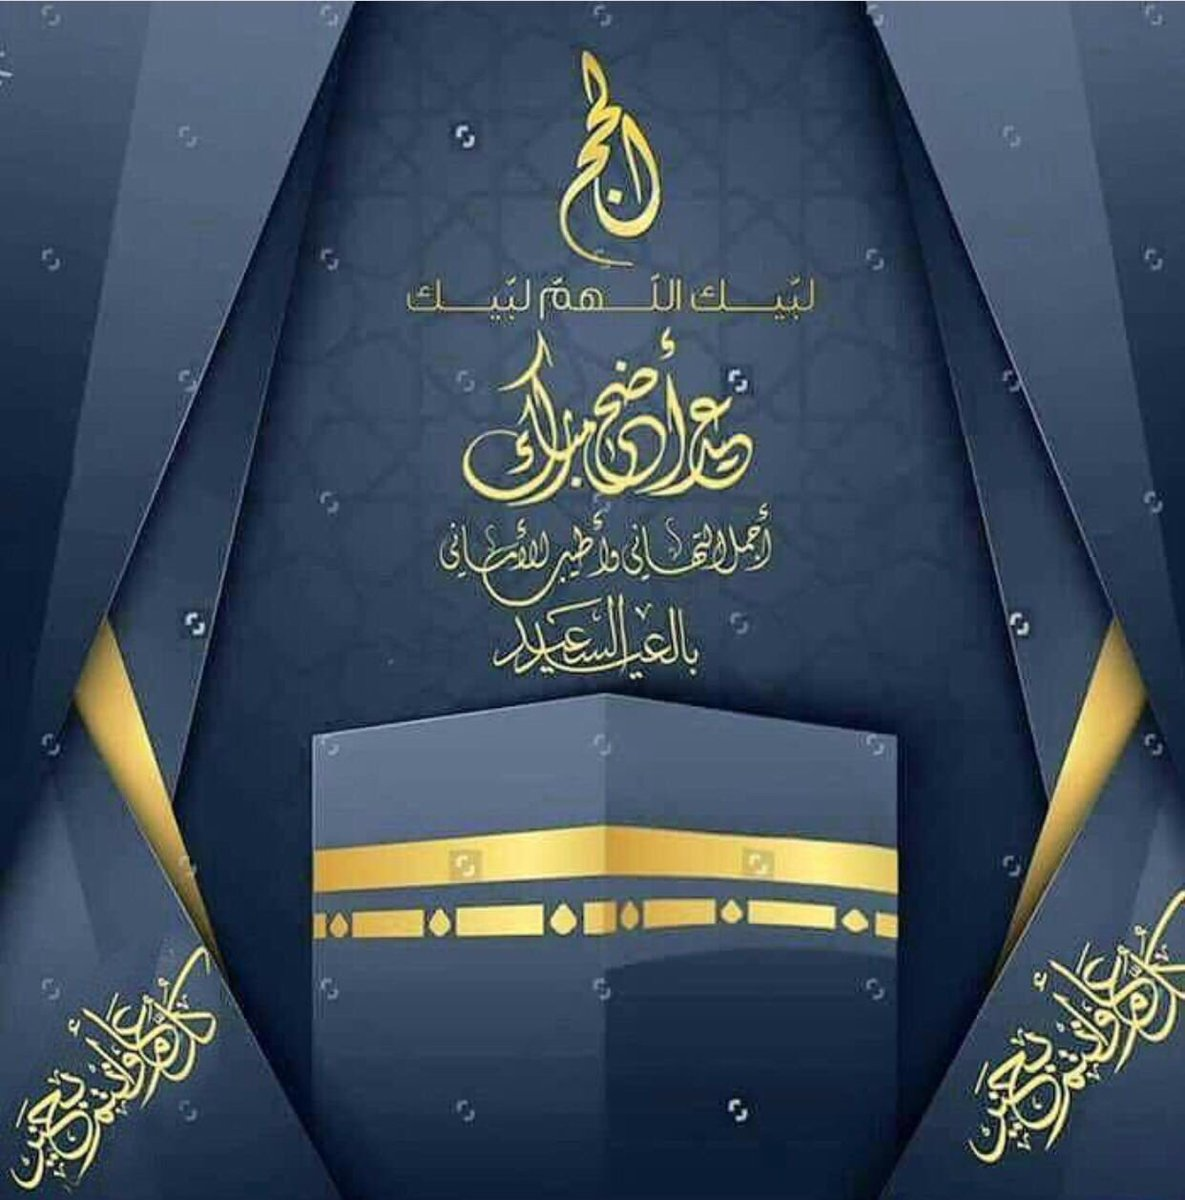 الردود على عيدك مبارك